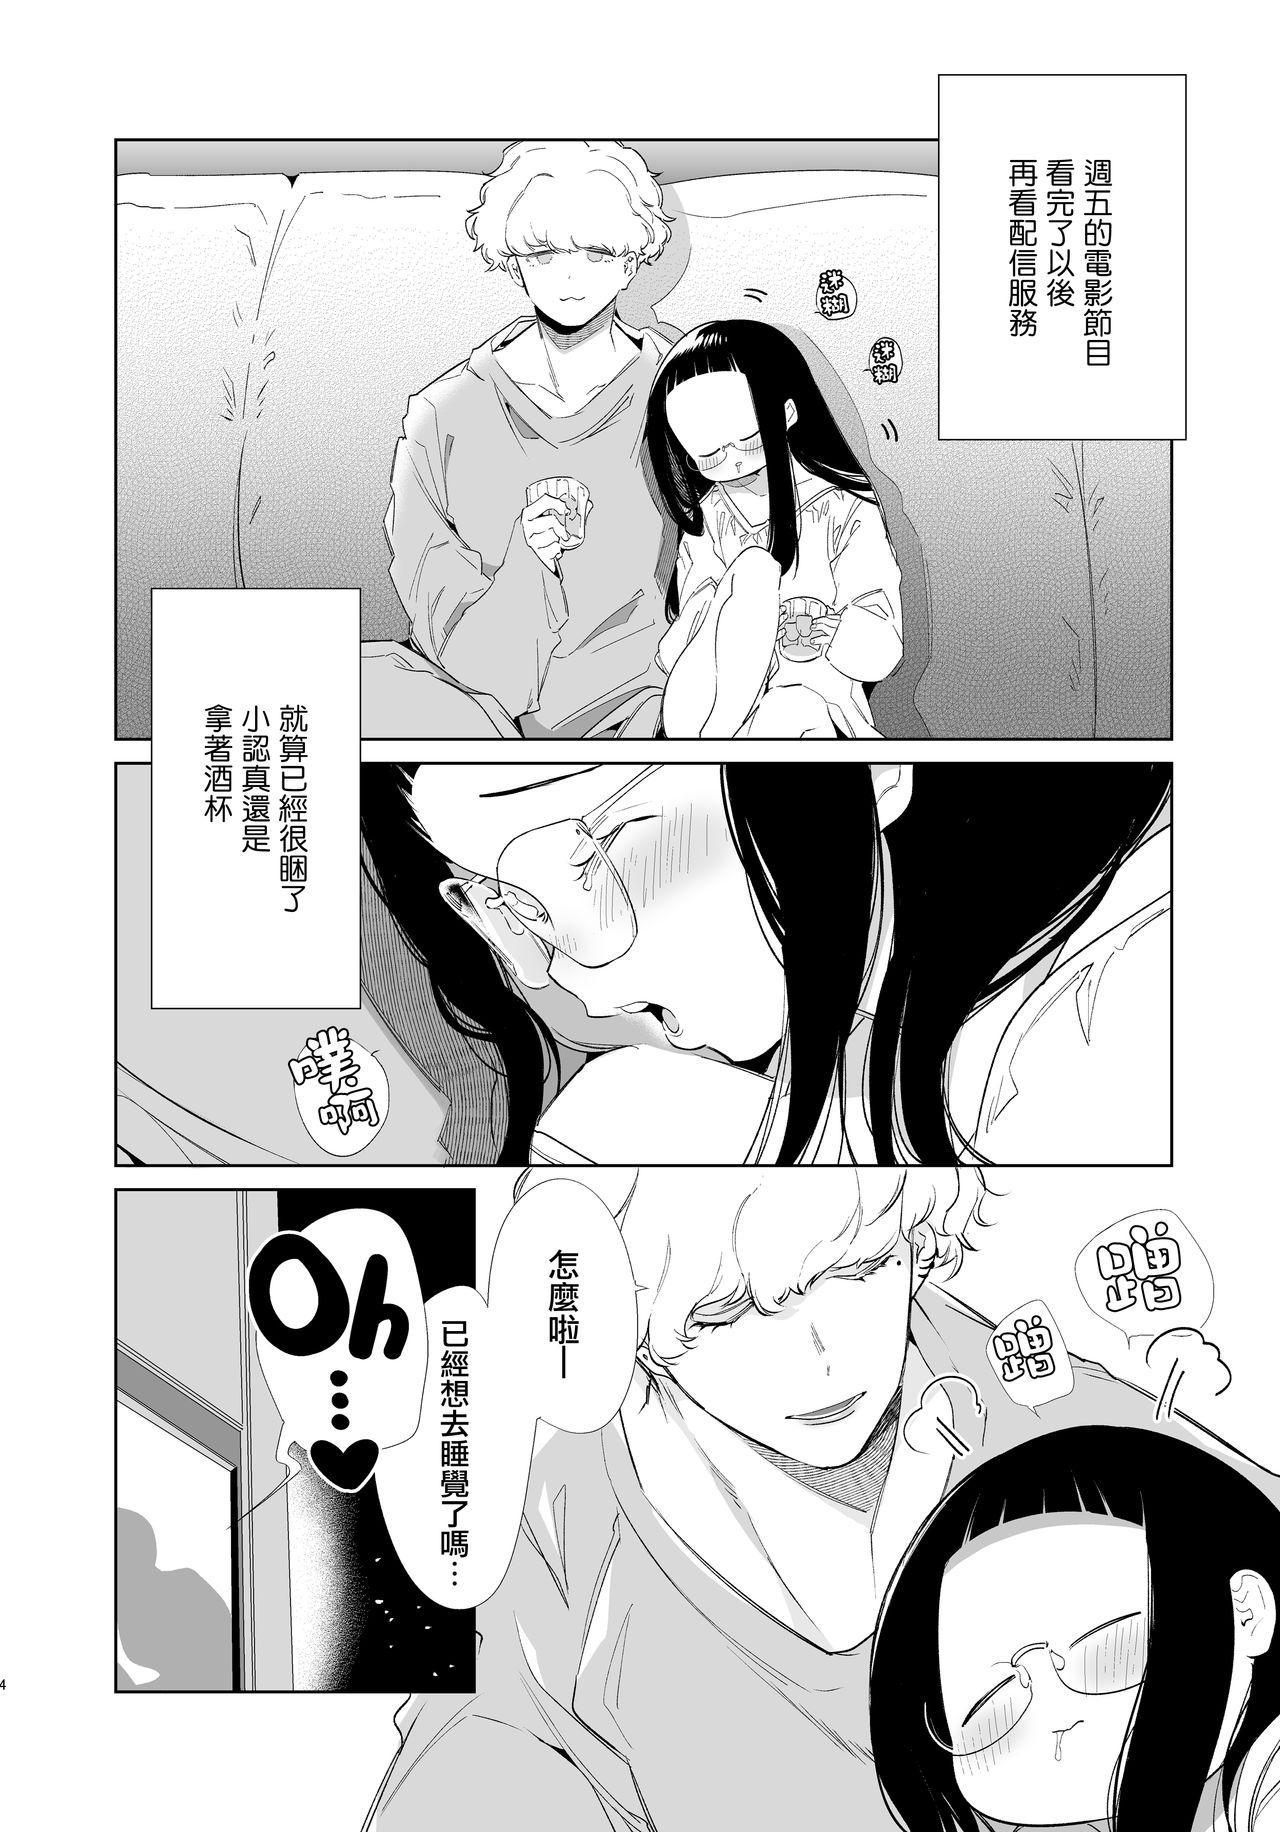 [Yatomomin (Yamamoto Tomomitsu)] Majime-chan to Kimama-kun AM1:30 [Chinese] [無邪気漢化組] [Digital] 2